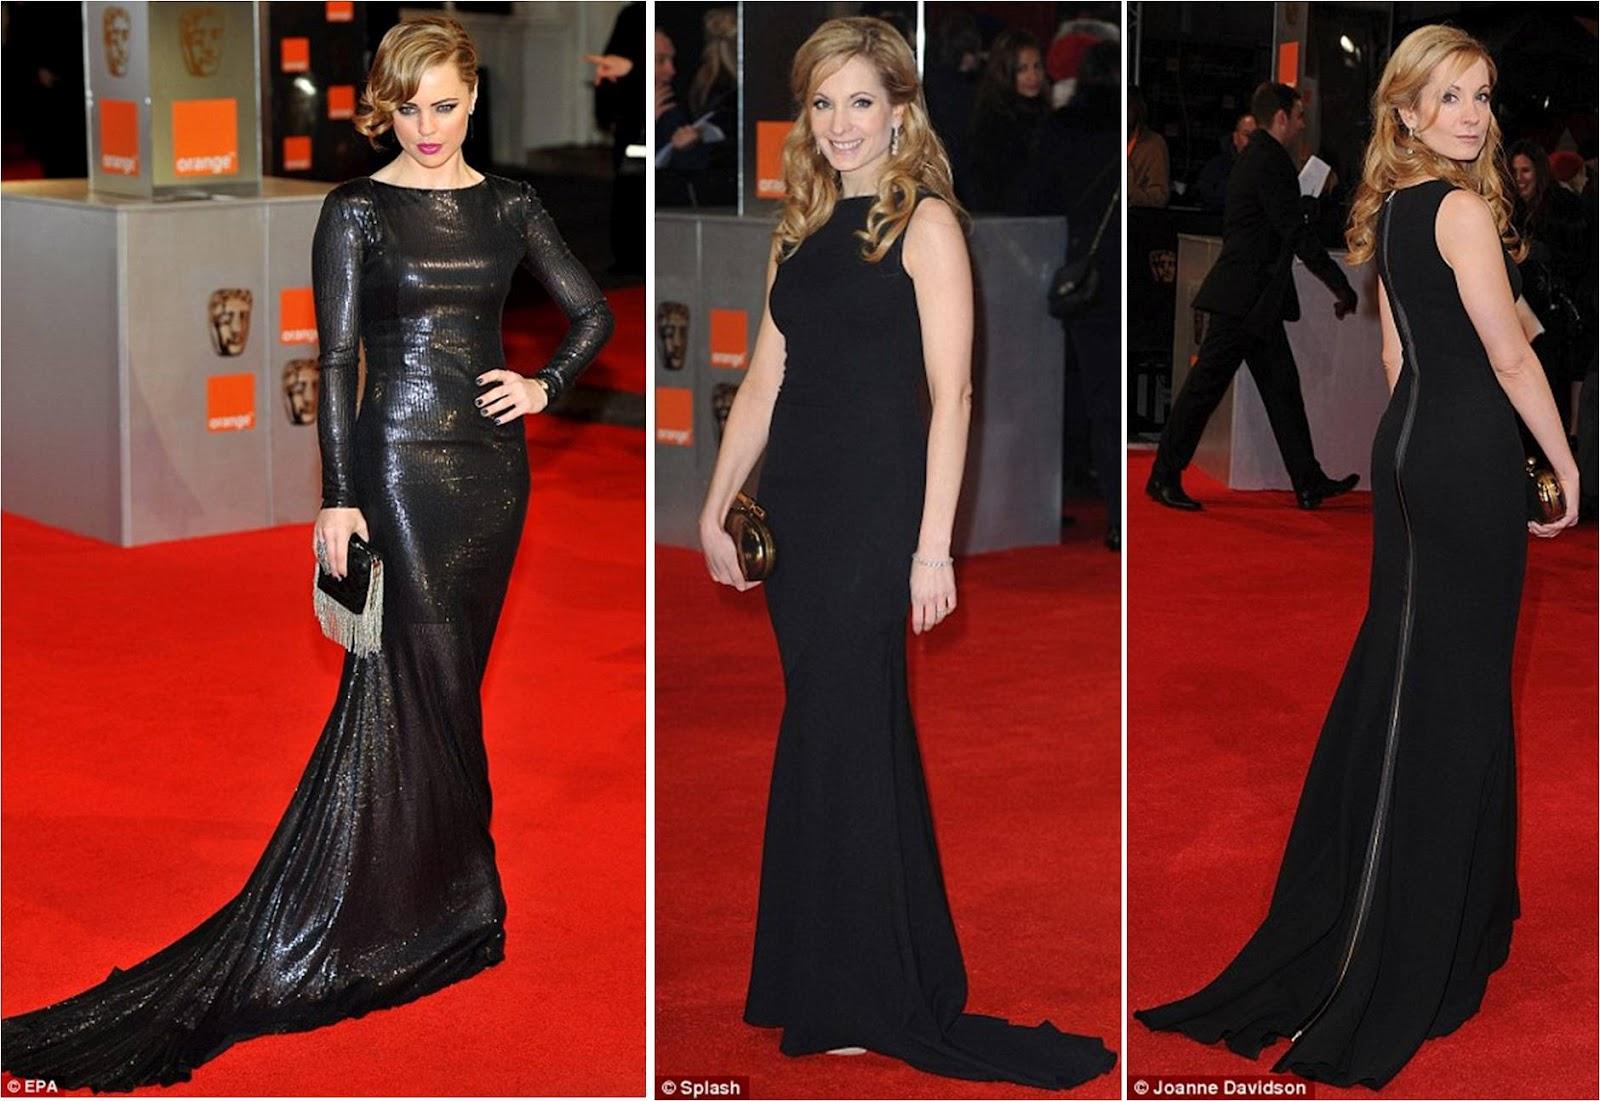 http://3.bp.blogspot.com/-61LeLiC6AOg/TzjL1GJEK6I/AAAAAAAAI7Y/EEHgvaIFPu8/s1600/2012+BAFTA+Awards+Red+Carpet+Best+Dressed+in+Victoria+Beckham.jpg